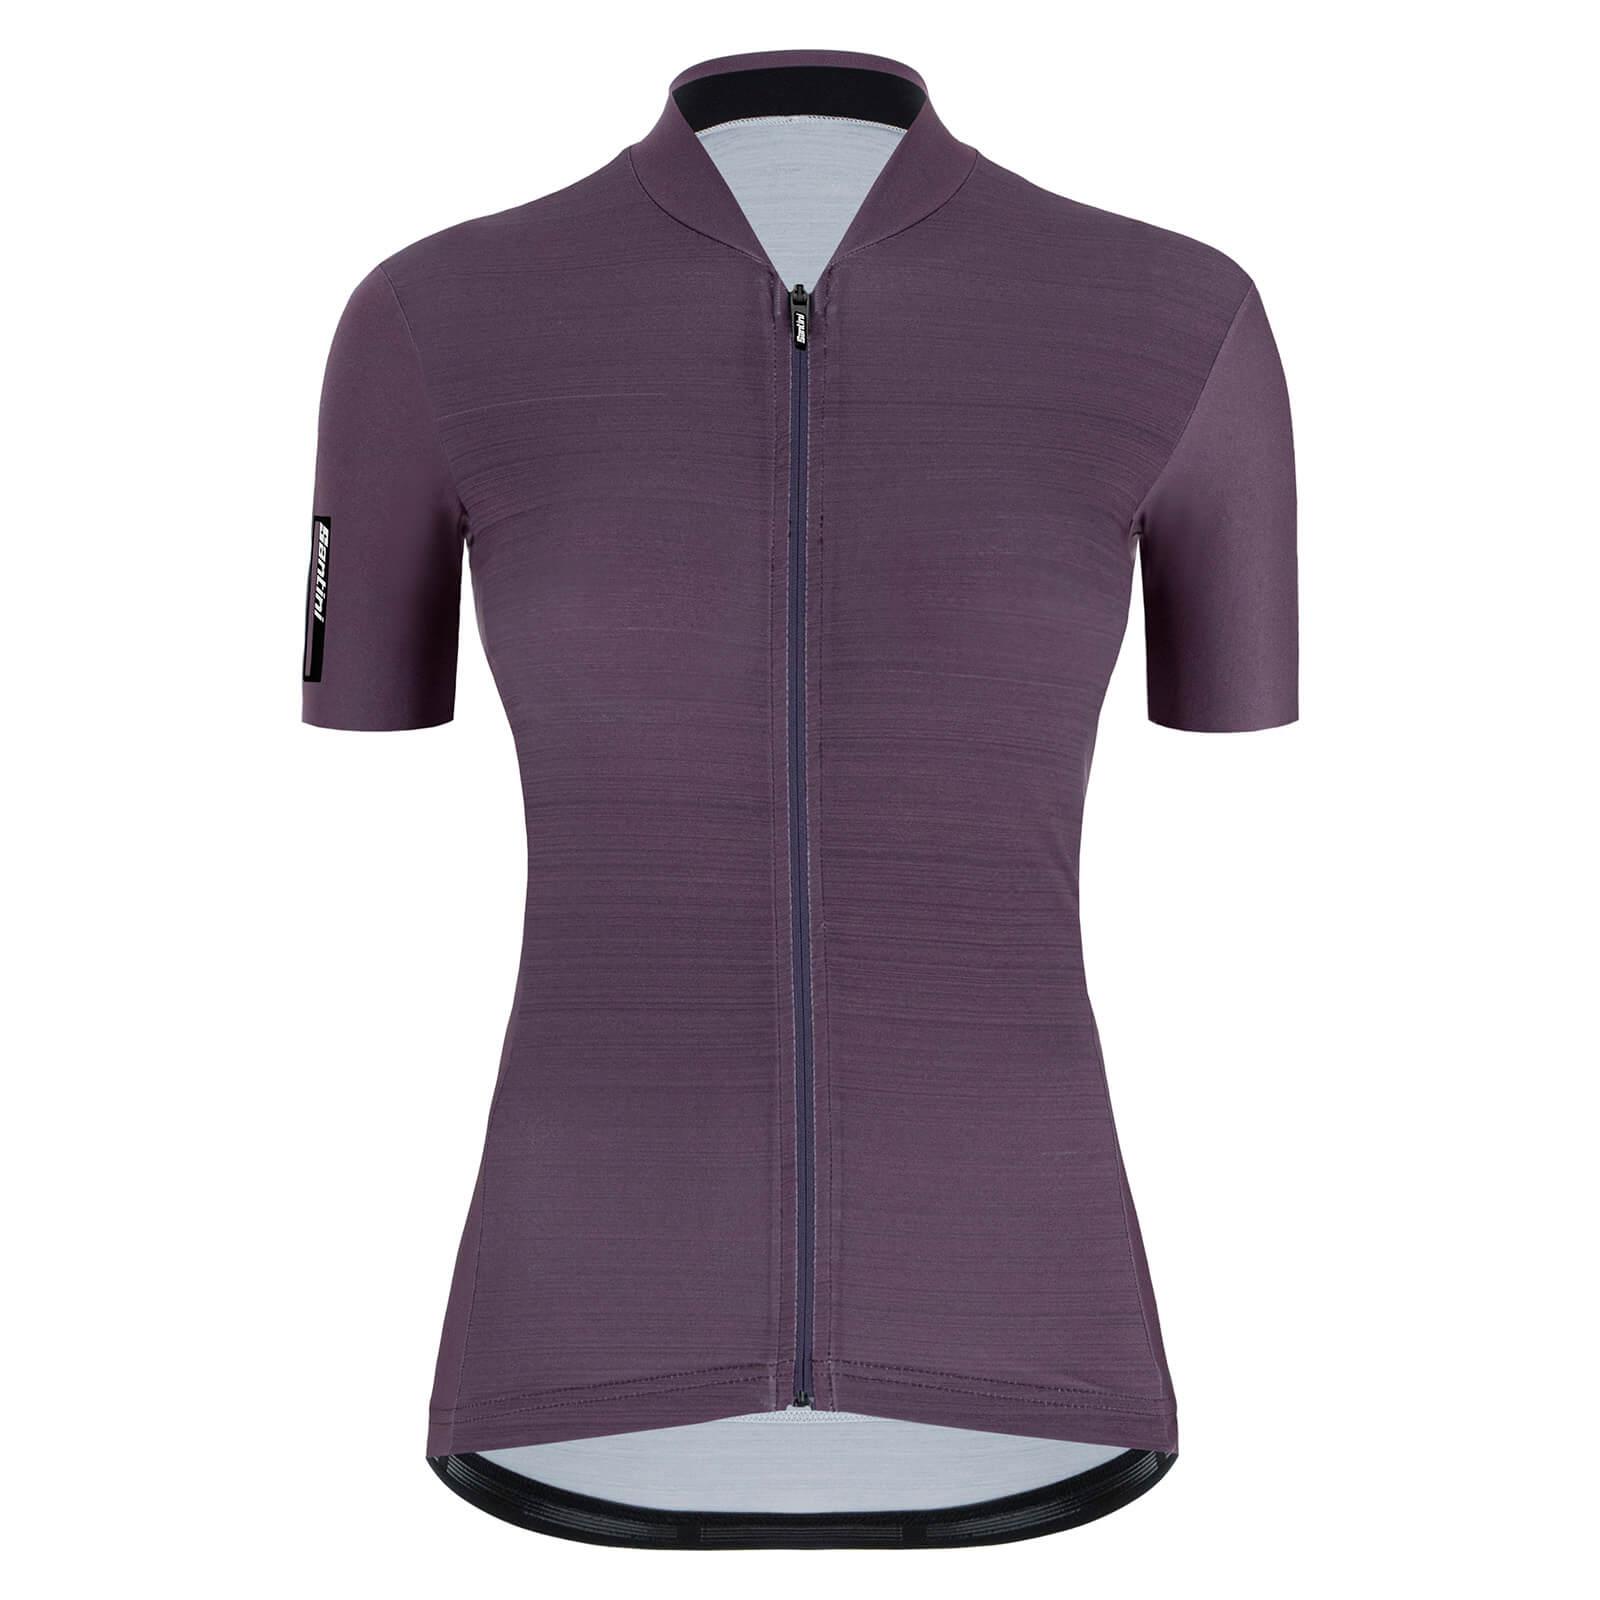 Santini Women's Colore Jersey - M - Vigneto Purple